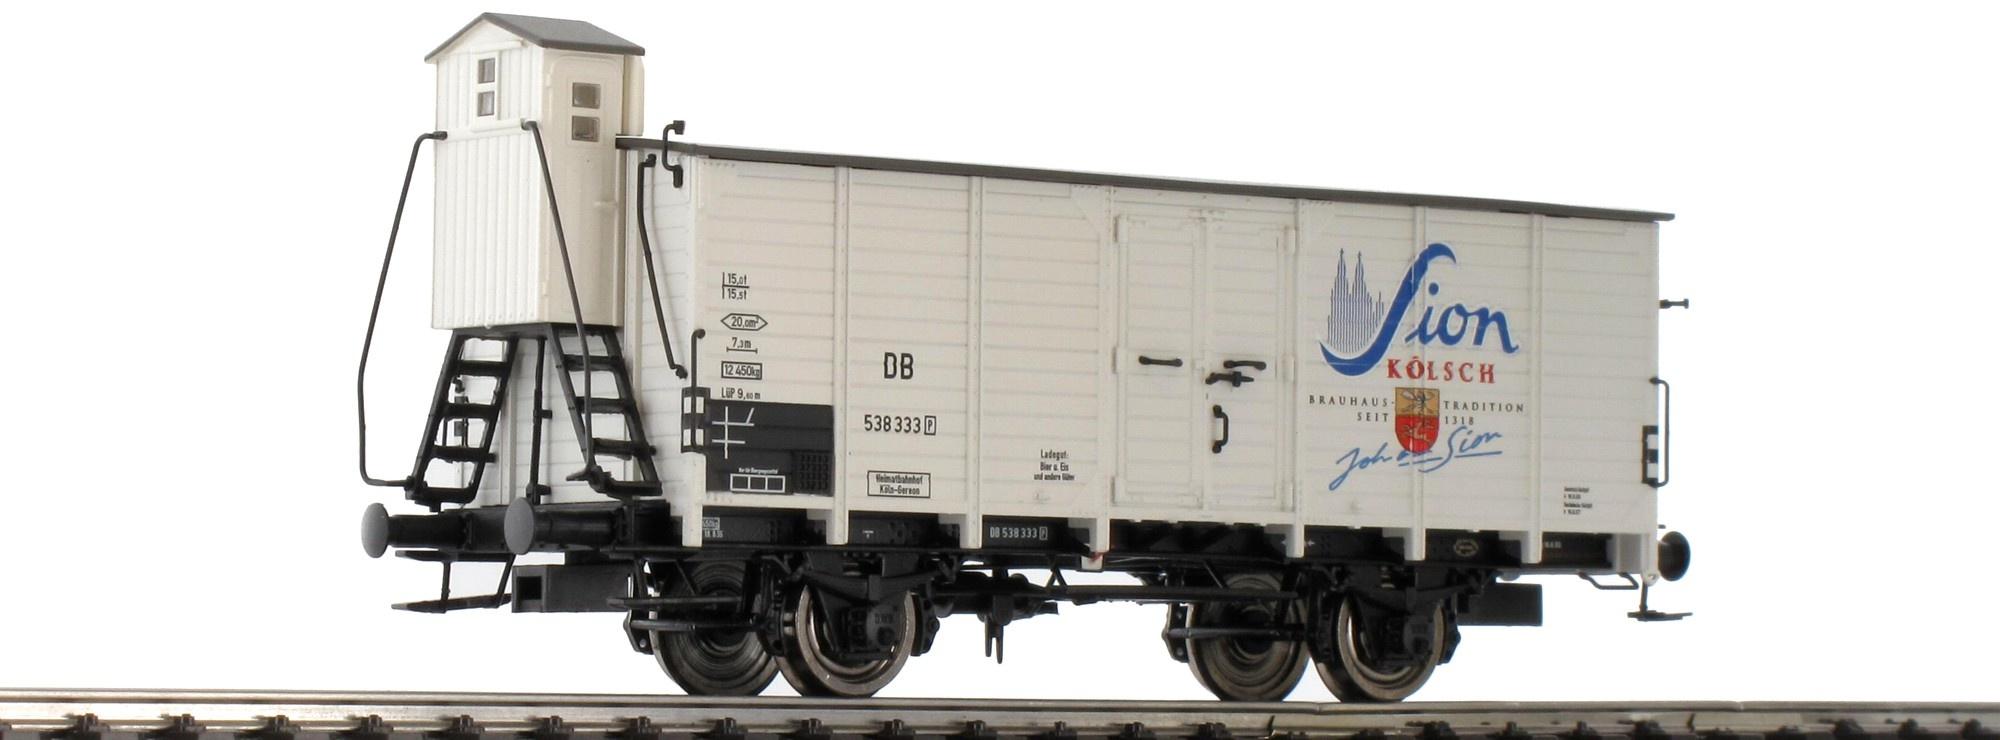 49039 Bierwagen G10 Kolsch-1